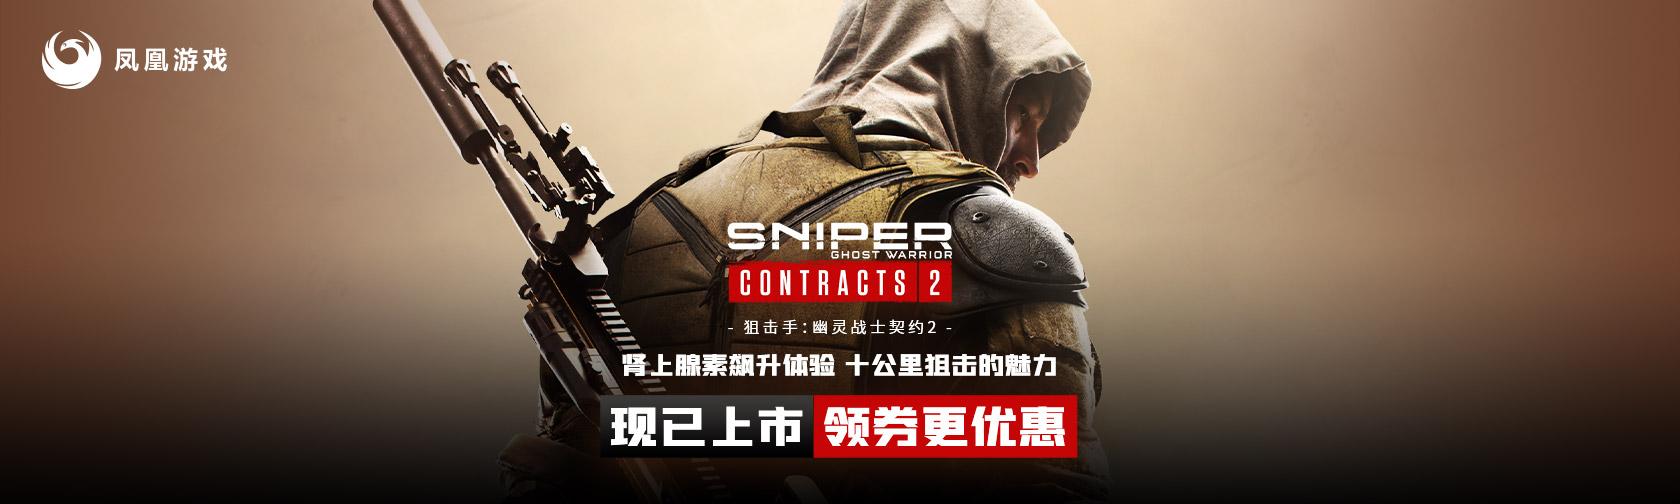 狙击手:幽灵战士契约2